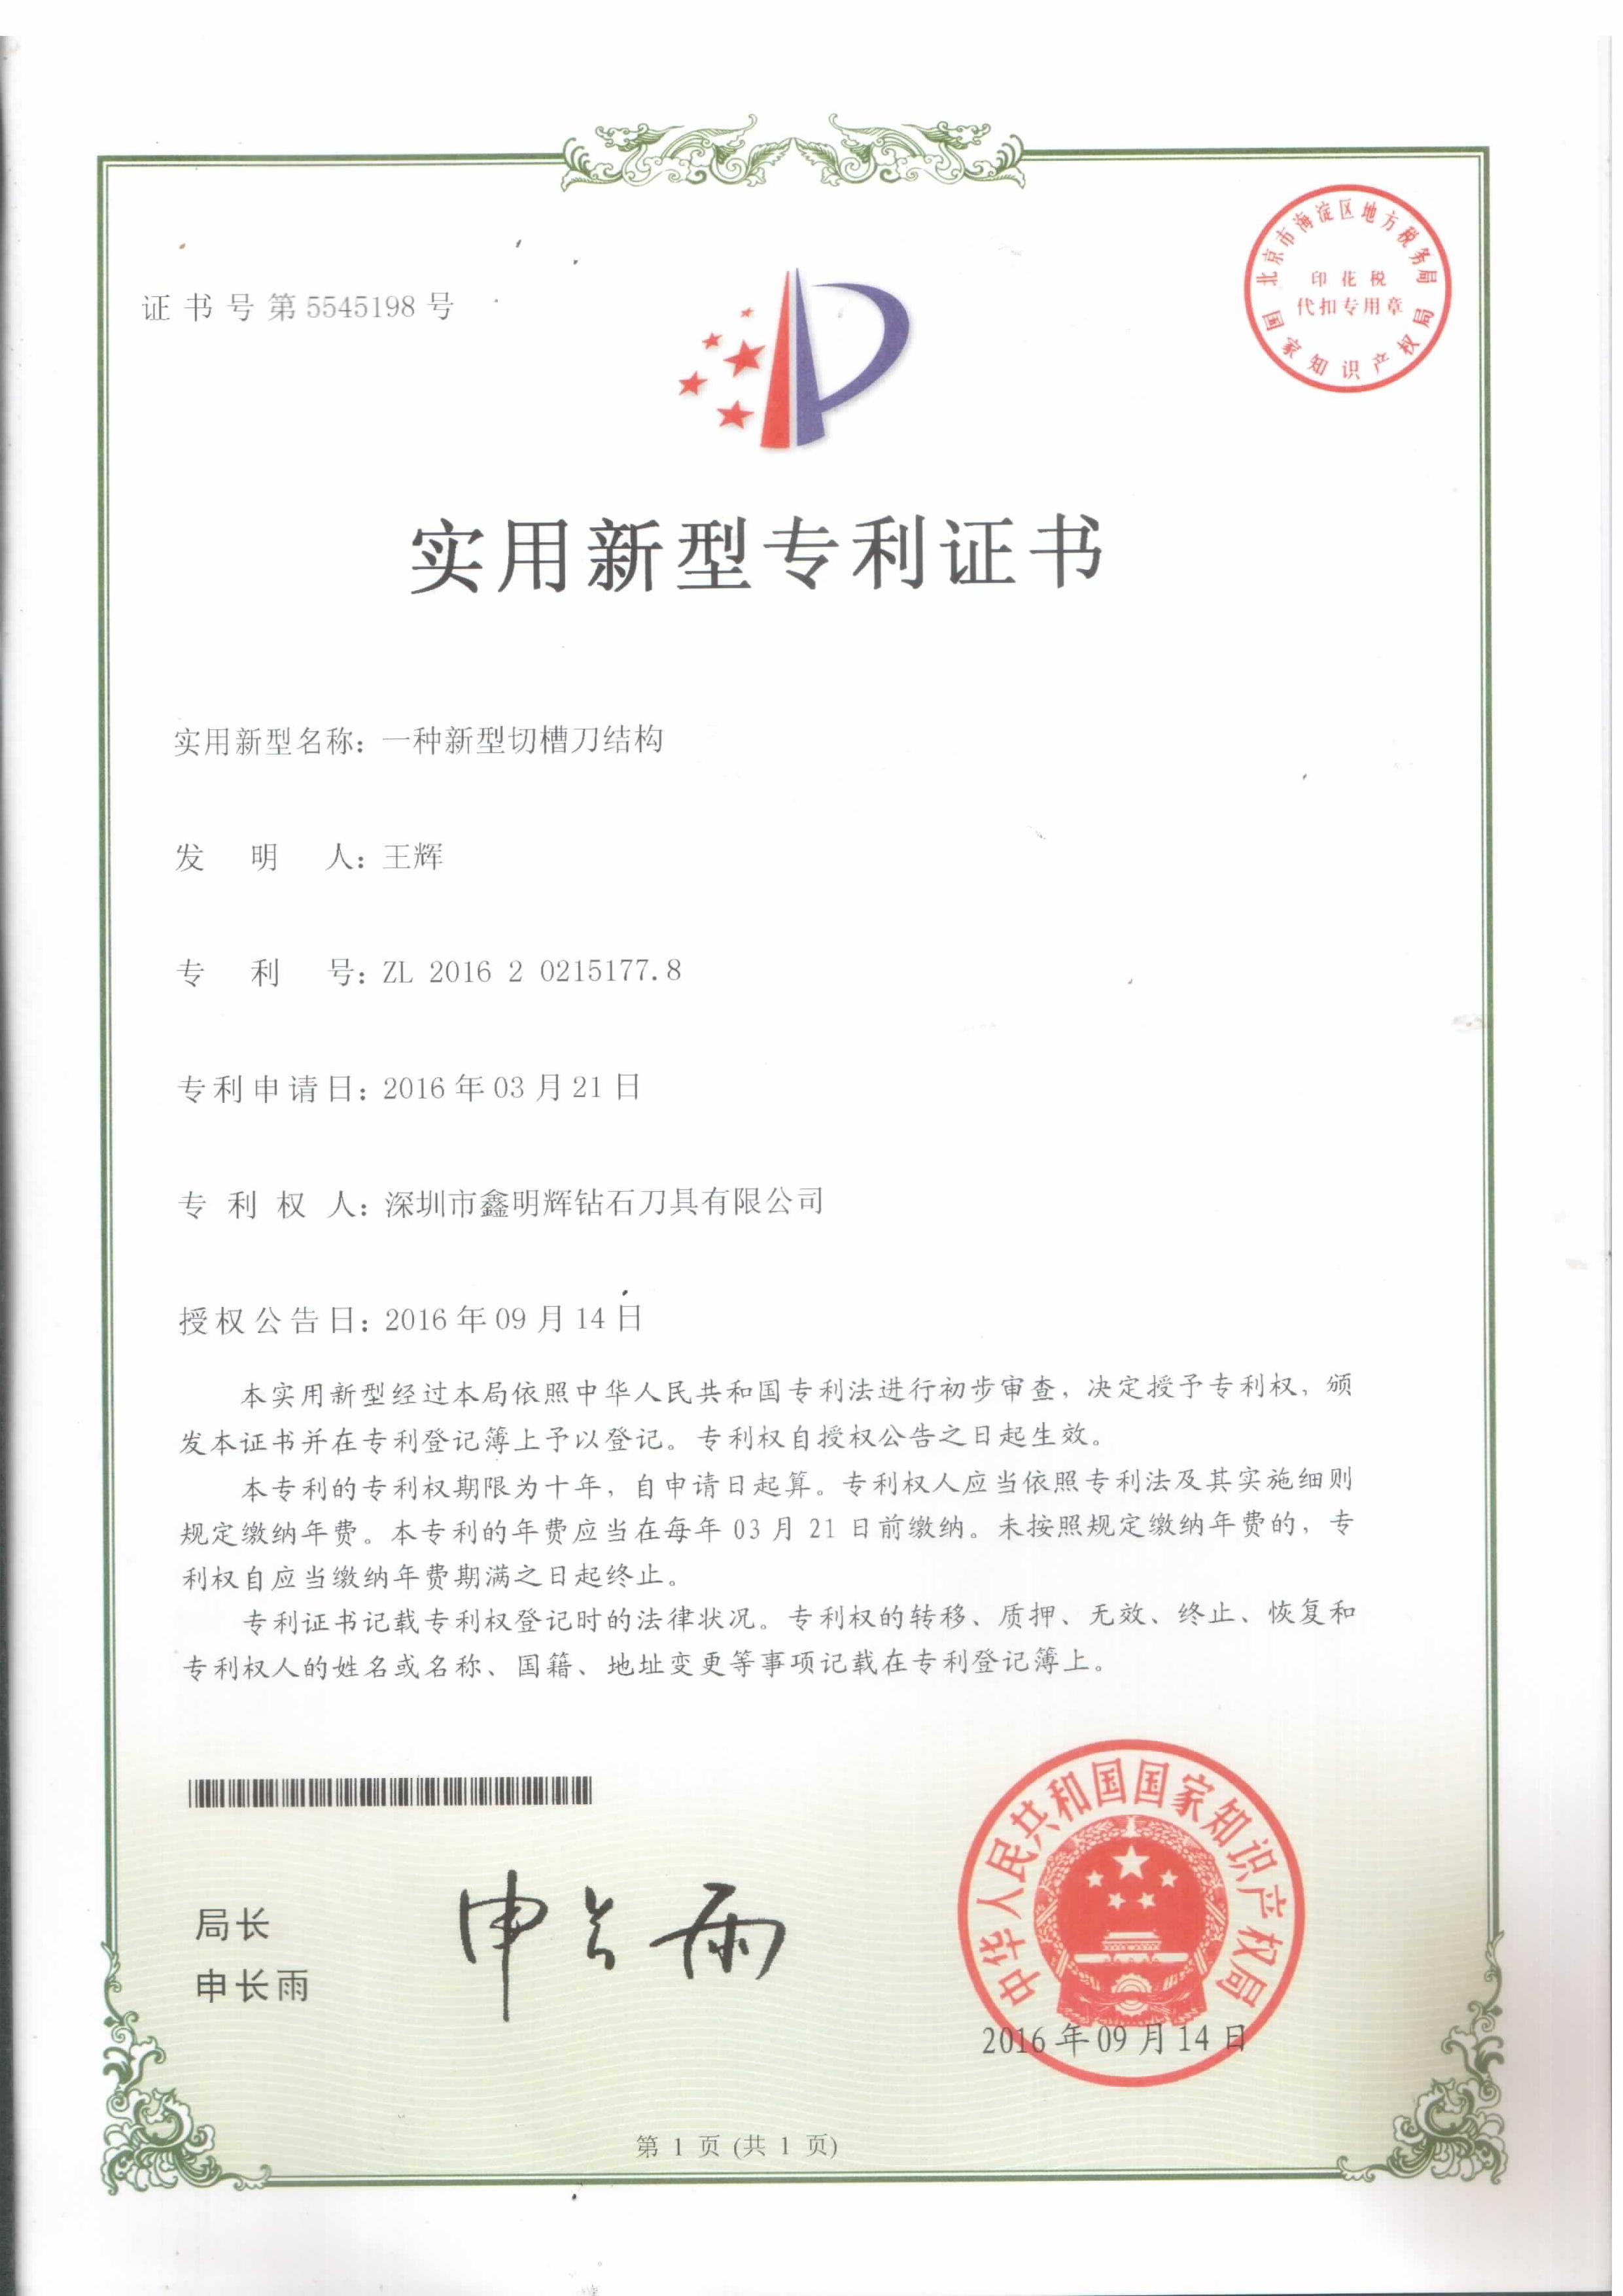 槽刀专利证书